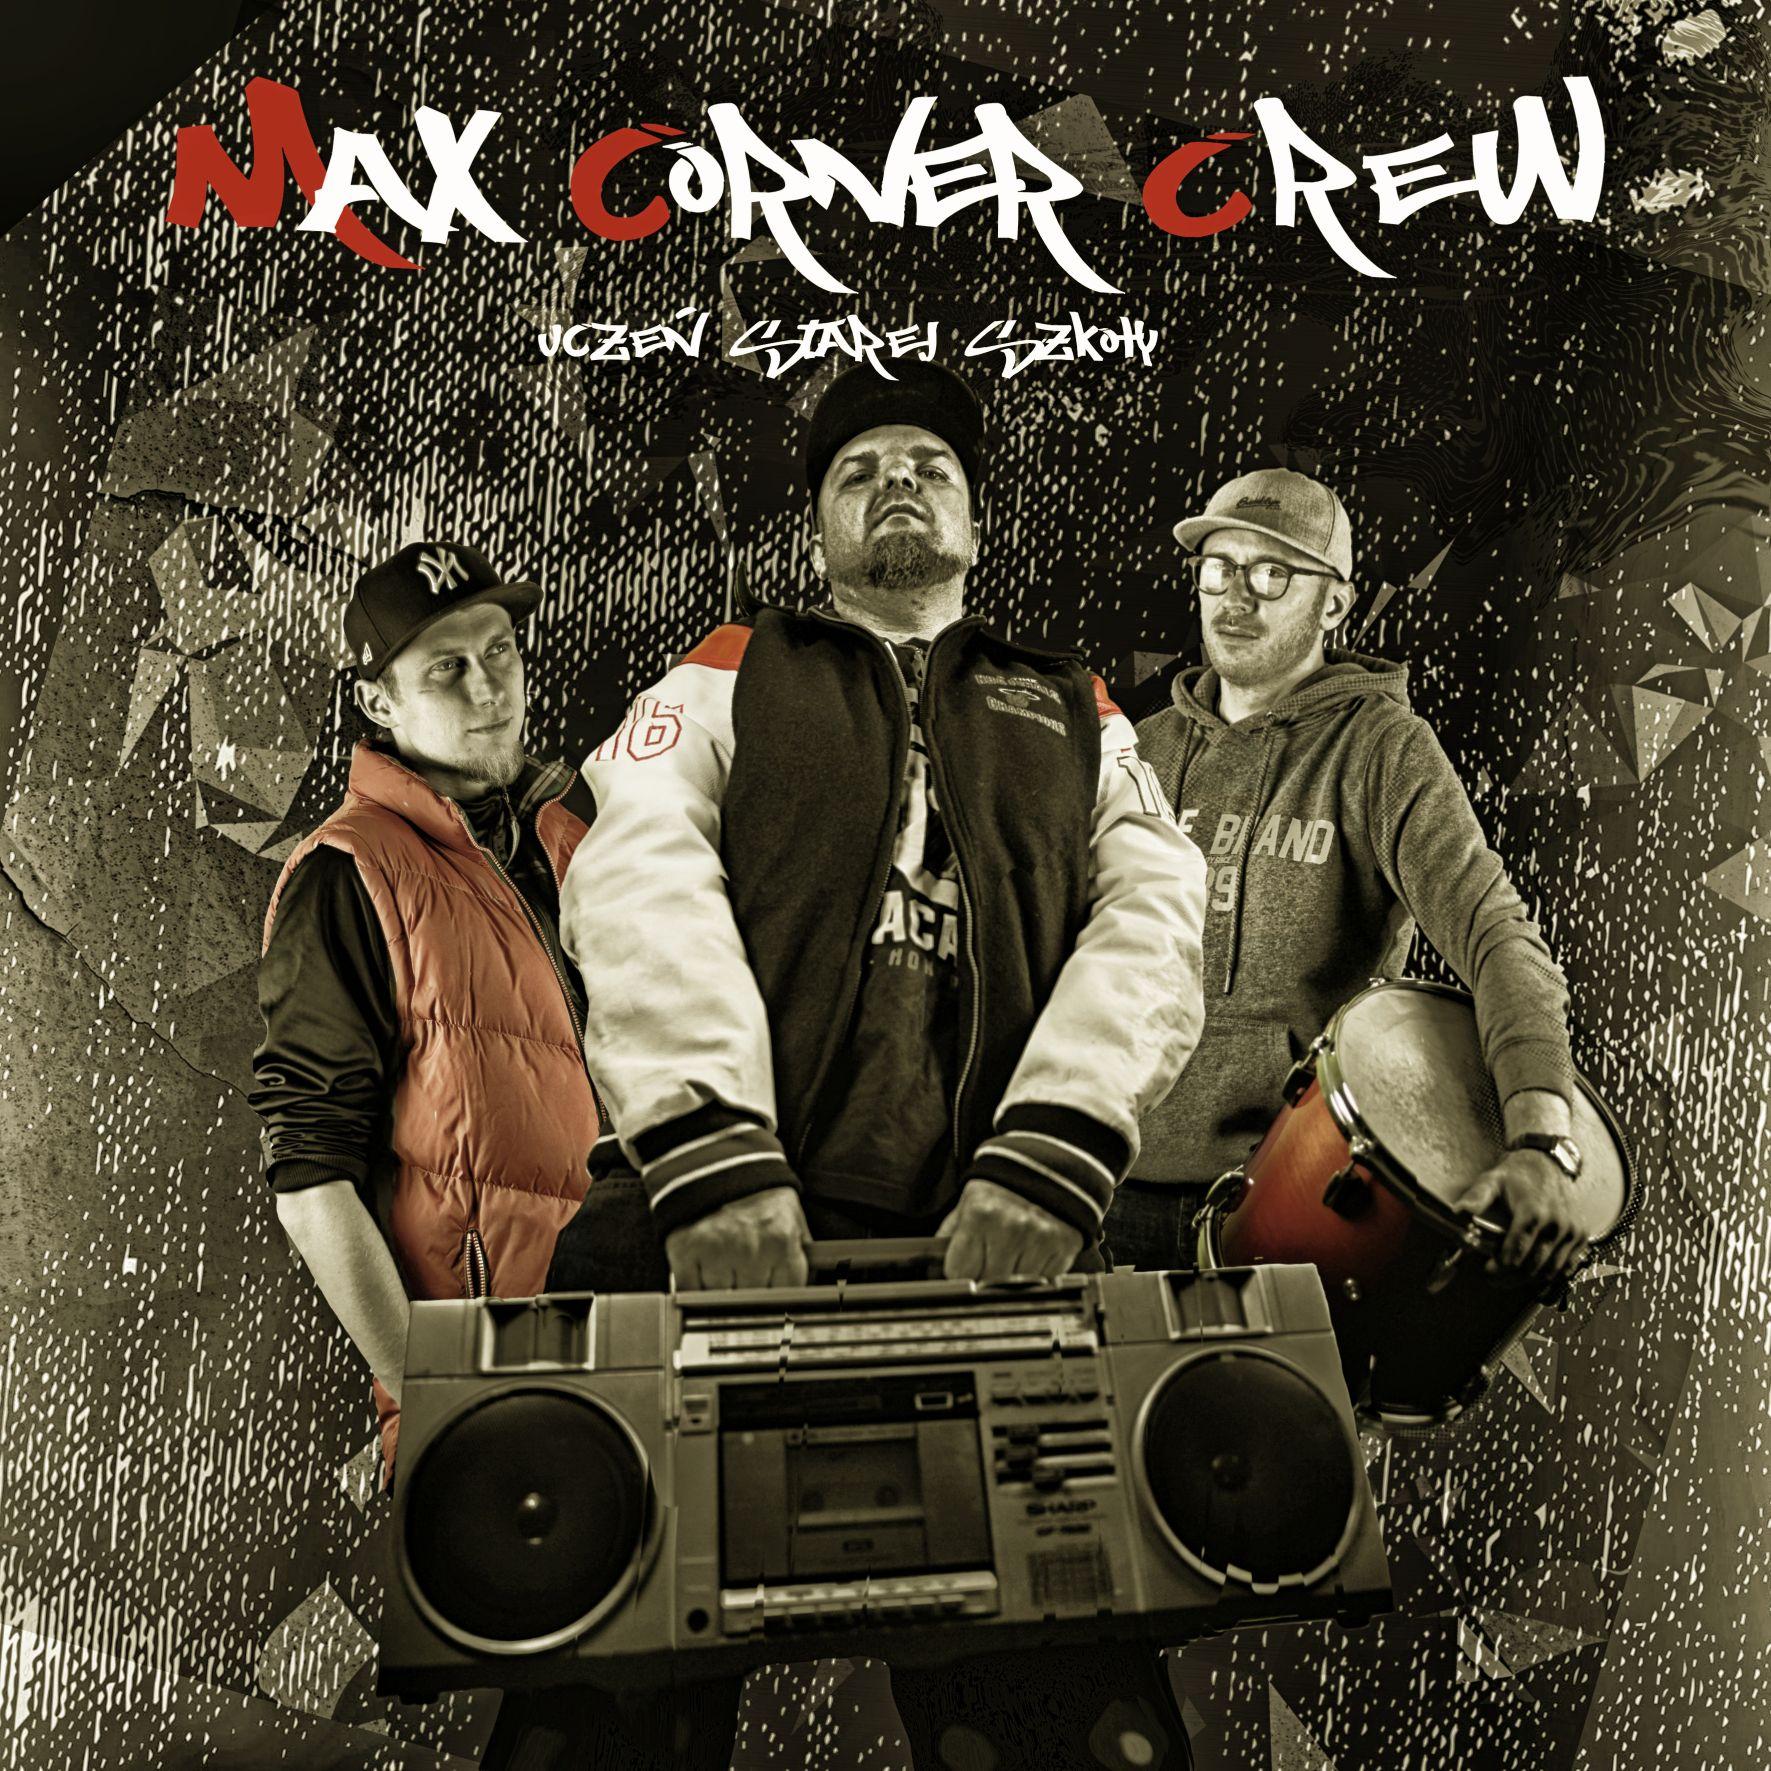 """""""Uczeń Starej Szkoły"""" – nowy album zespołu Max Corner Crew"""